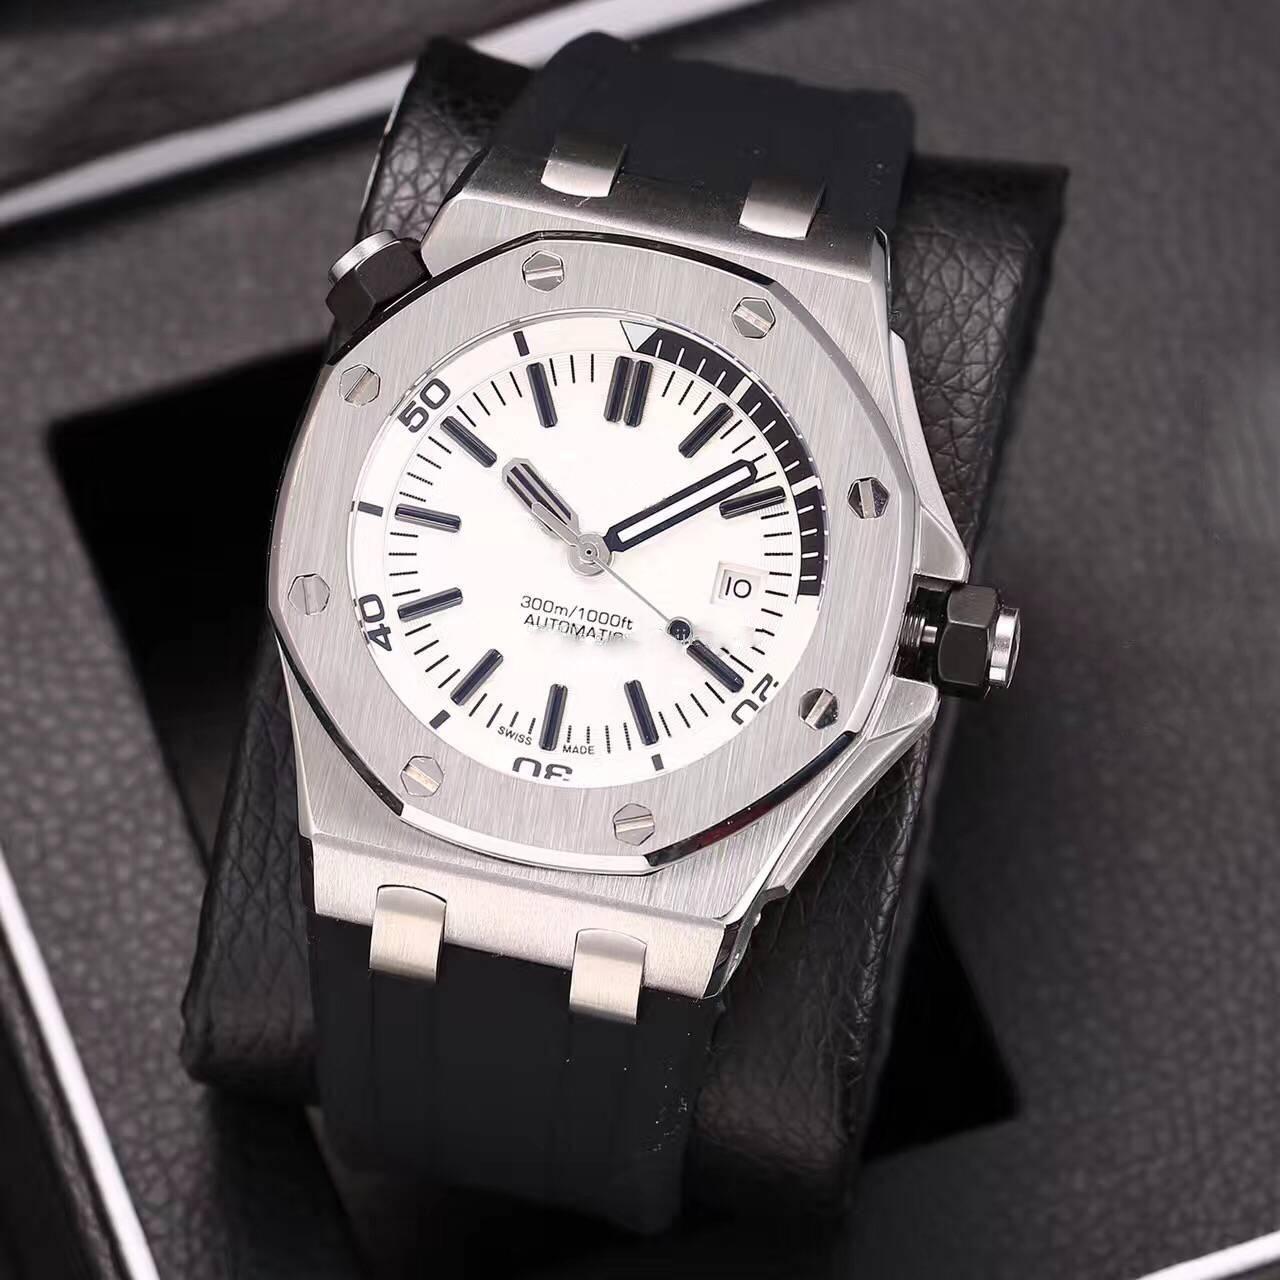 les hommes de montres de luxe Big Sell 42mm watch machines balayage automatique mouvement horloge montre Faux montres 002